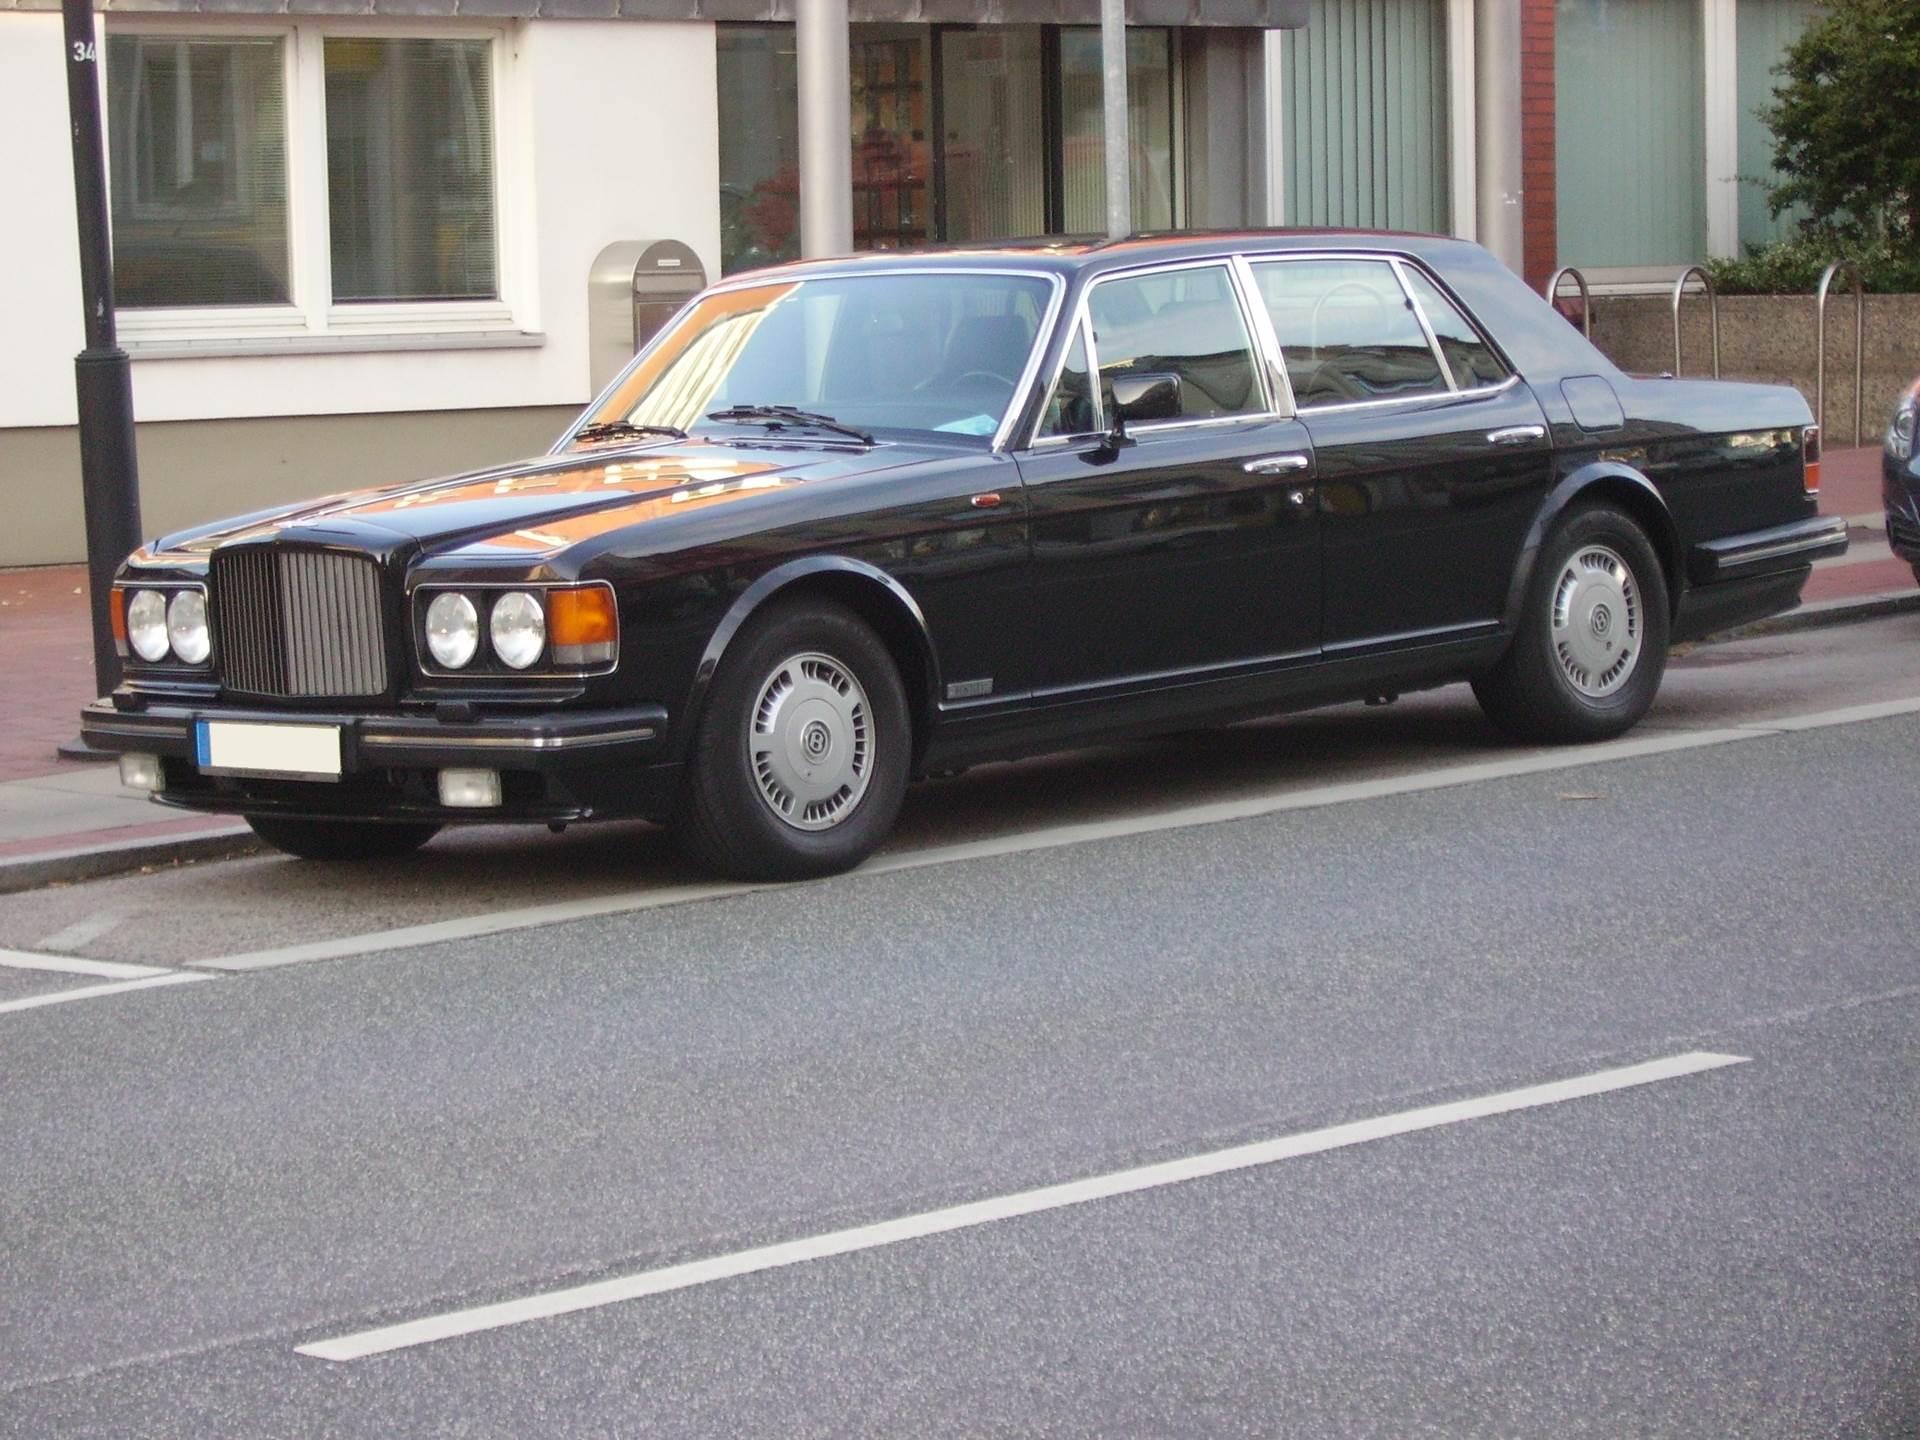 File:Bentley Turbo R 09.jpg